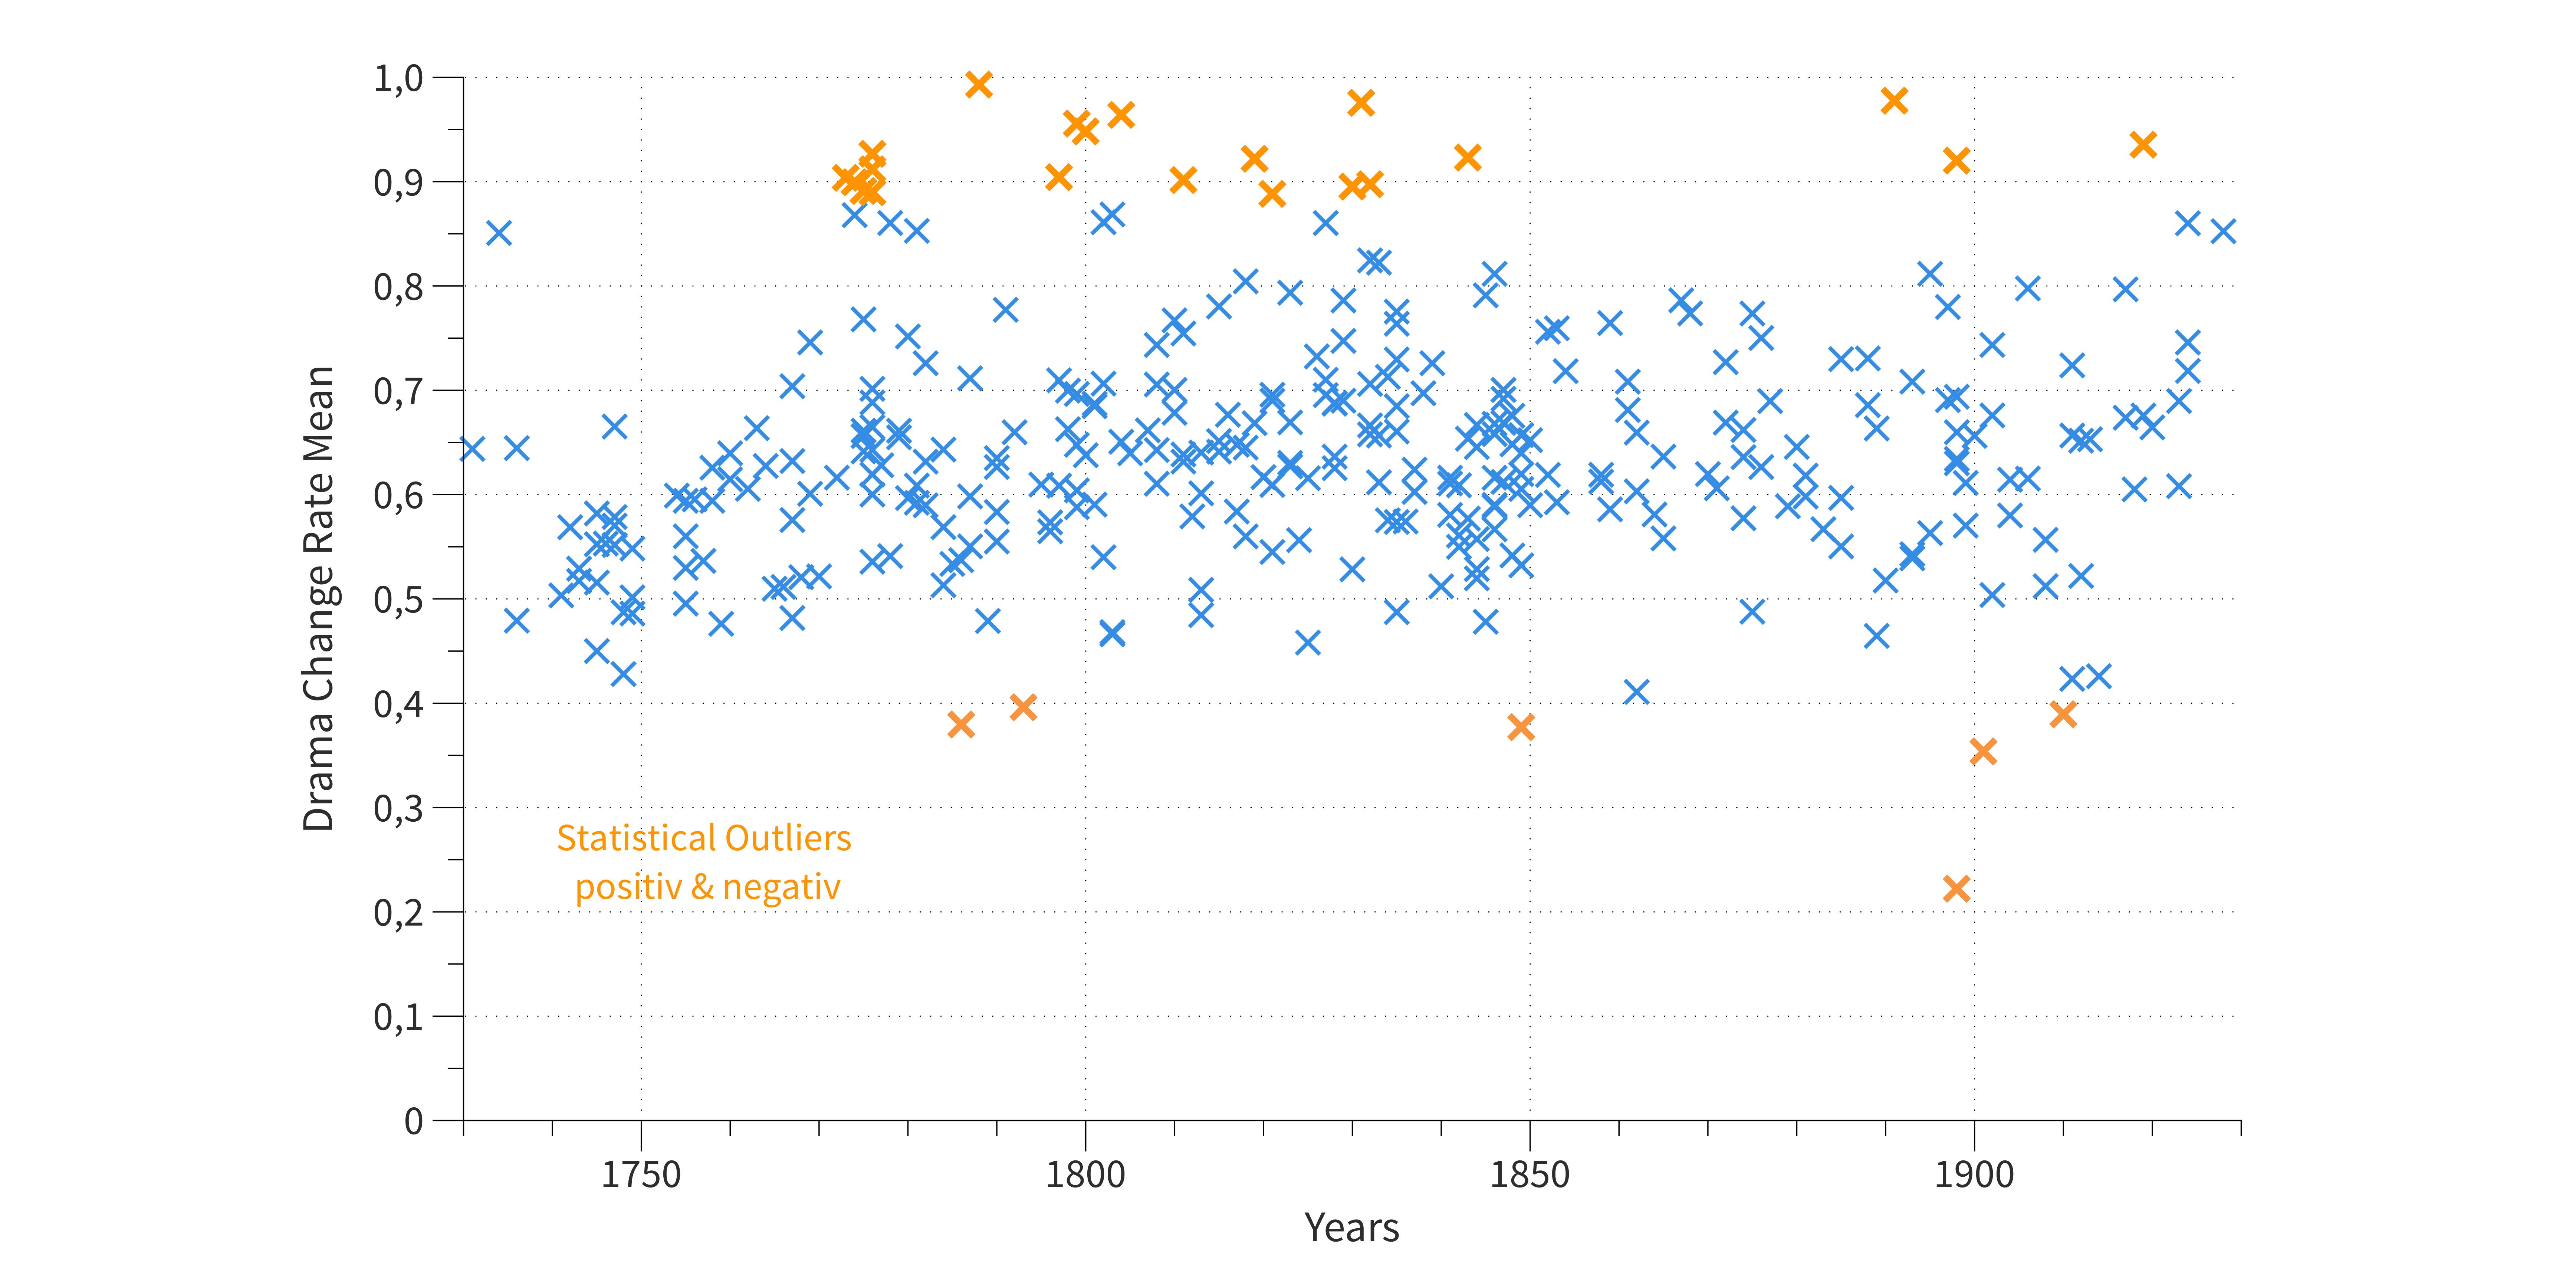 Abb. 17: Drama Change Rates von 331                                     Dramen des dlina-Korpus (Niedrigsegment-Stücke wurden                                     aussortiert) – orange markiert: Signifikant abweichende Dramen.                                     © Eigene Grafik, 2017: CC BY 4.0.